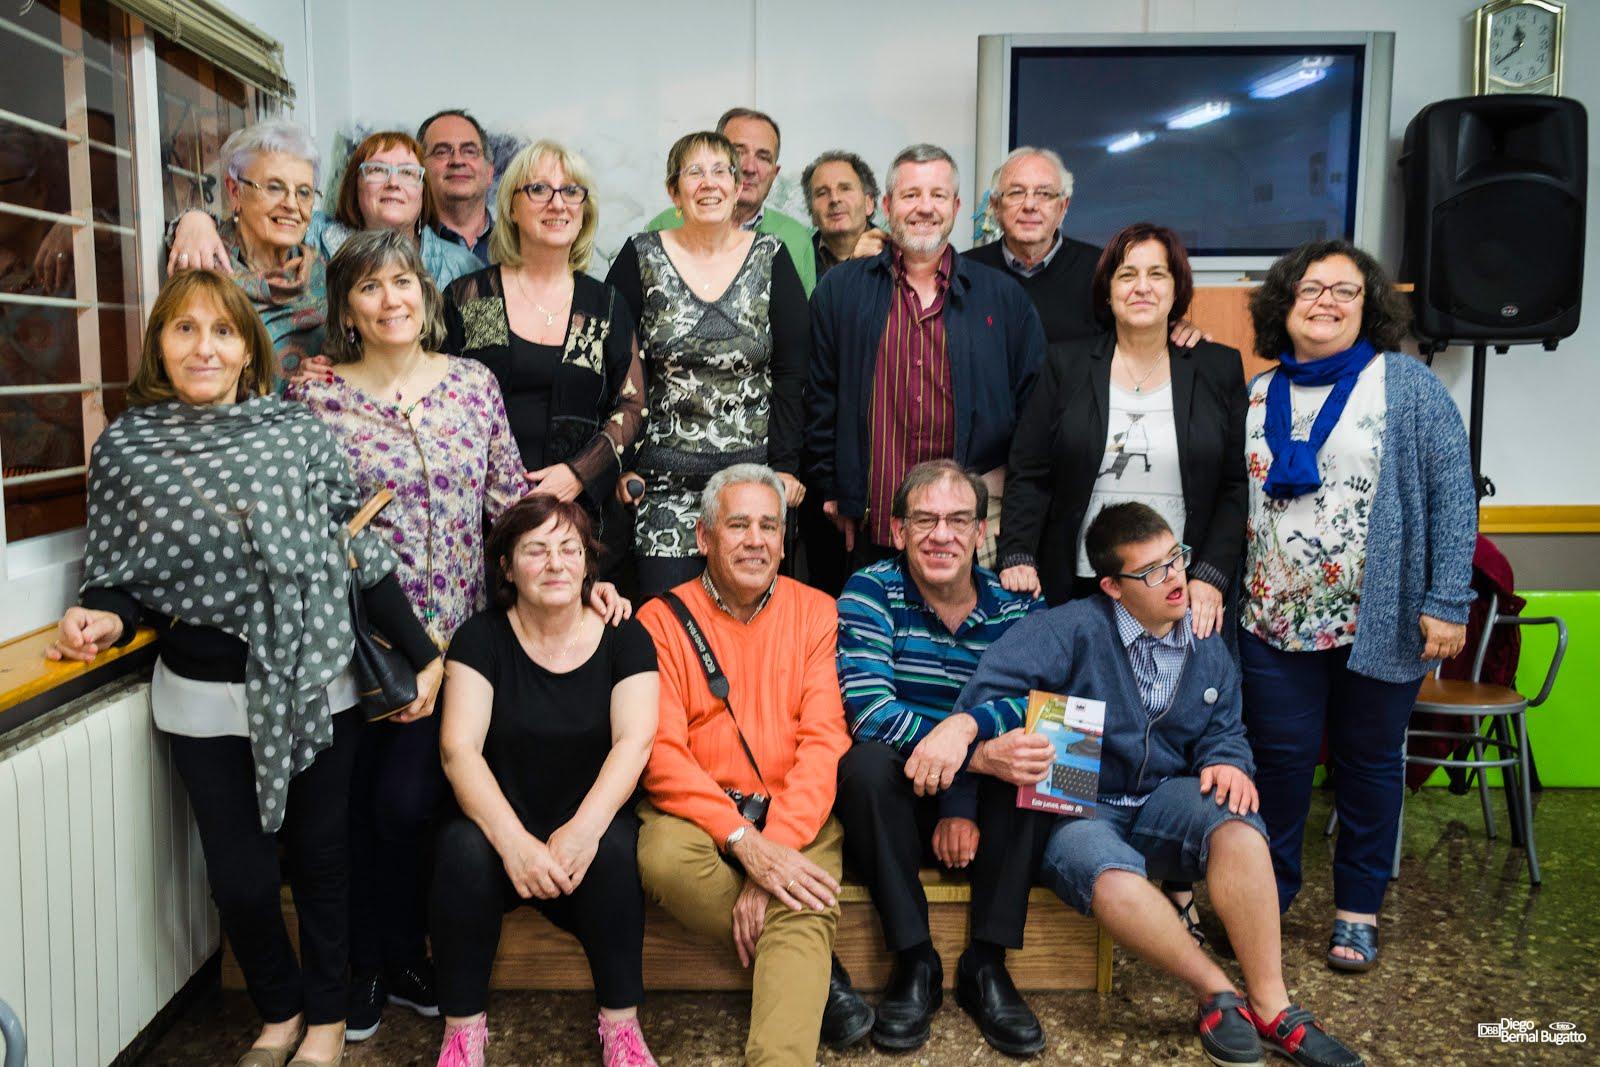 VII Encuentro en Vilafamés, Castellón